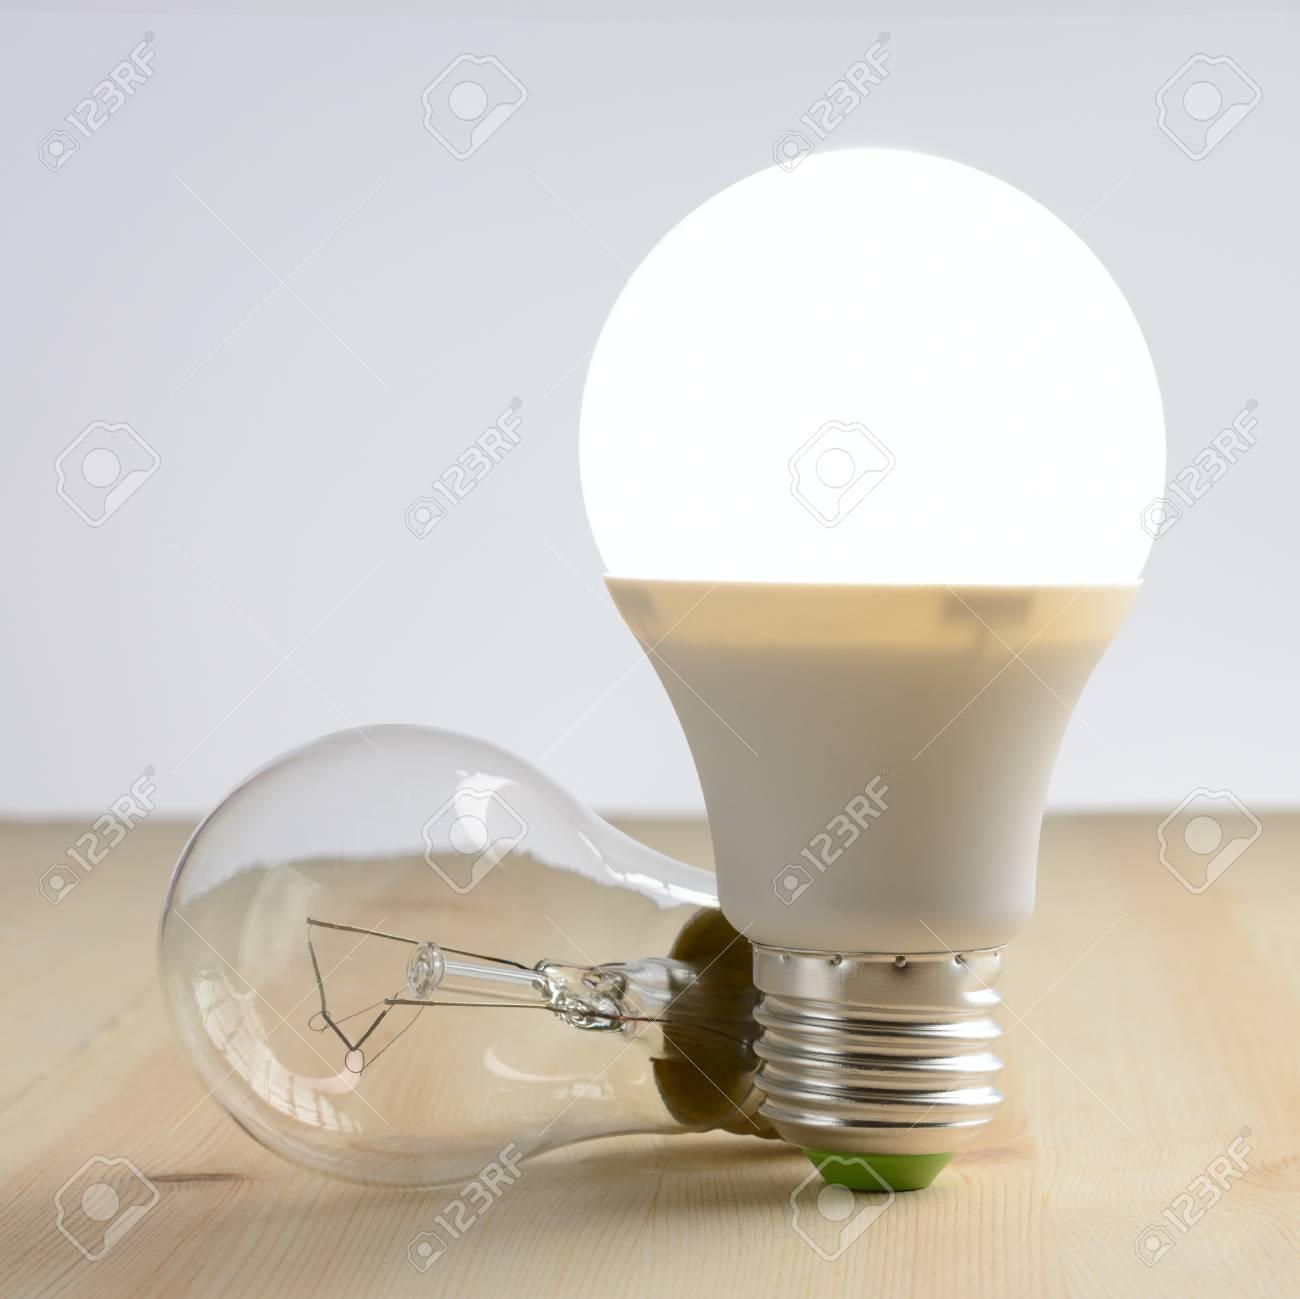 Lampe Led Debout Sur Une Table En Bois Pres D Une Lampe